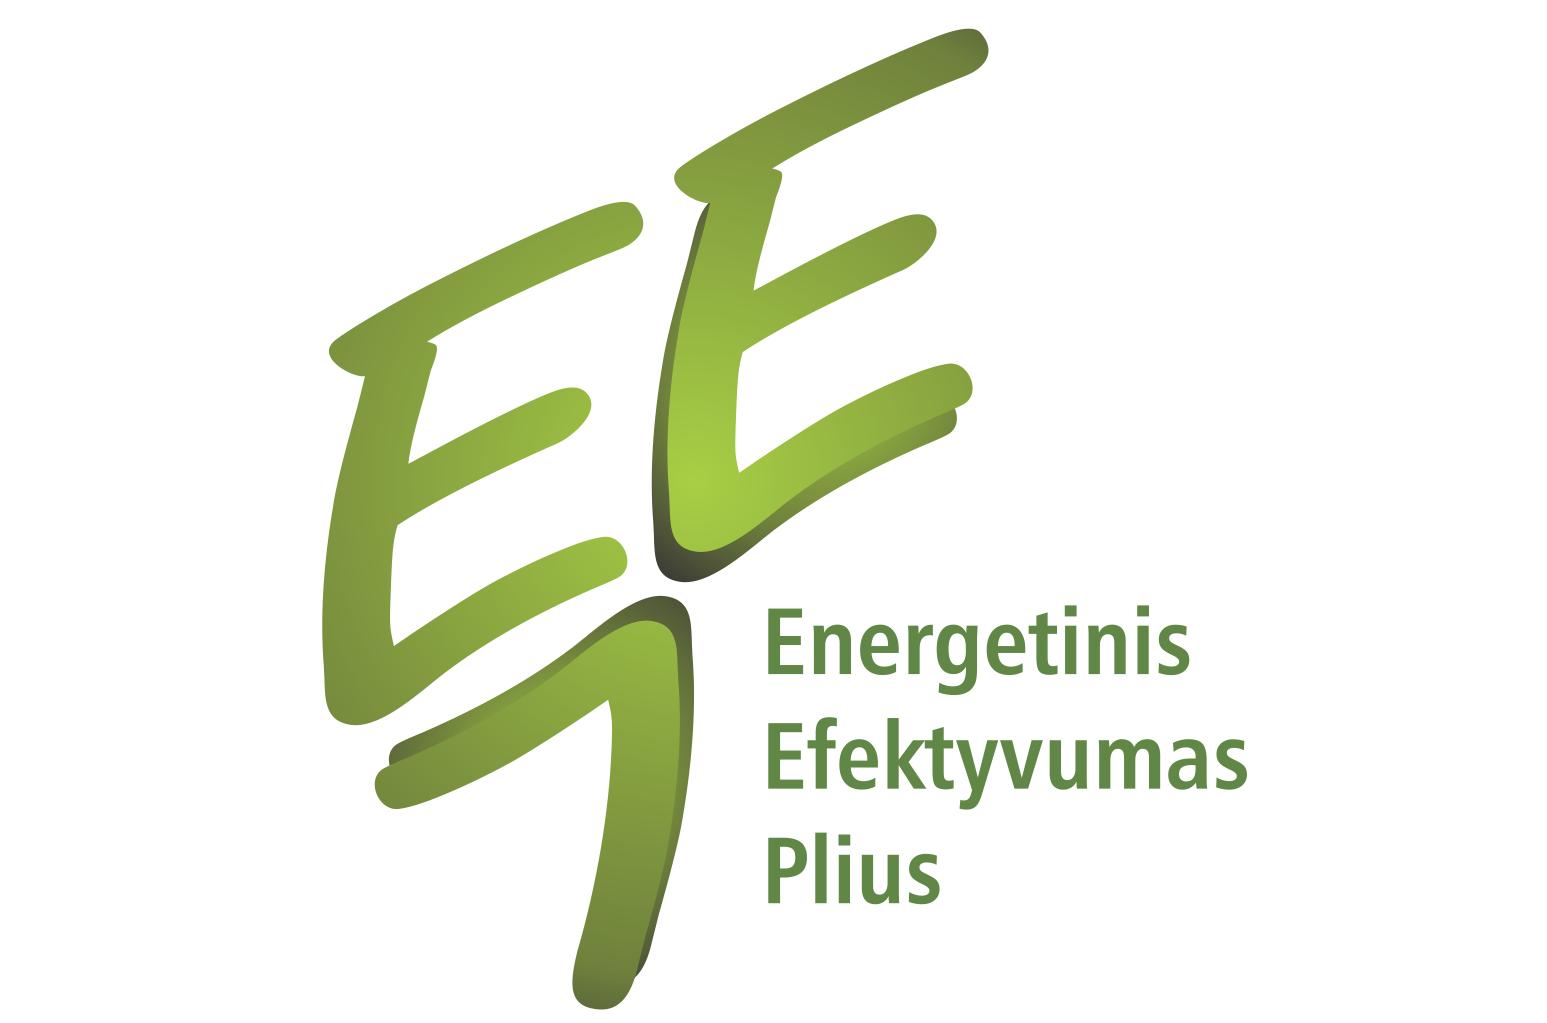 Energetinis Efektyvumas Plius